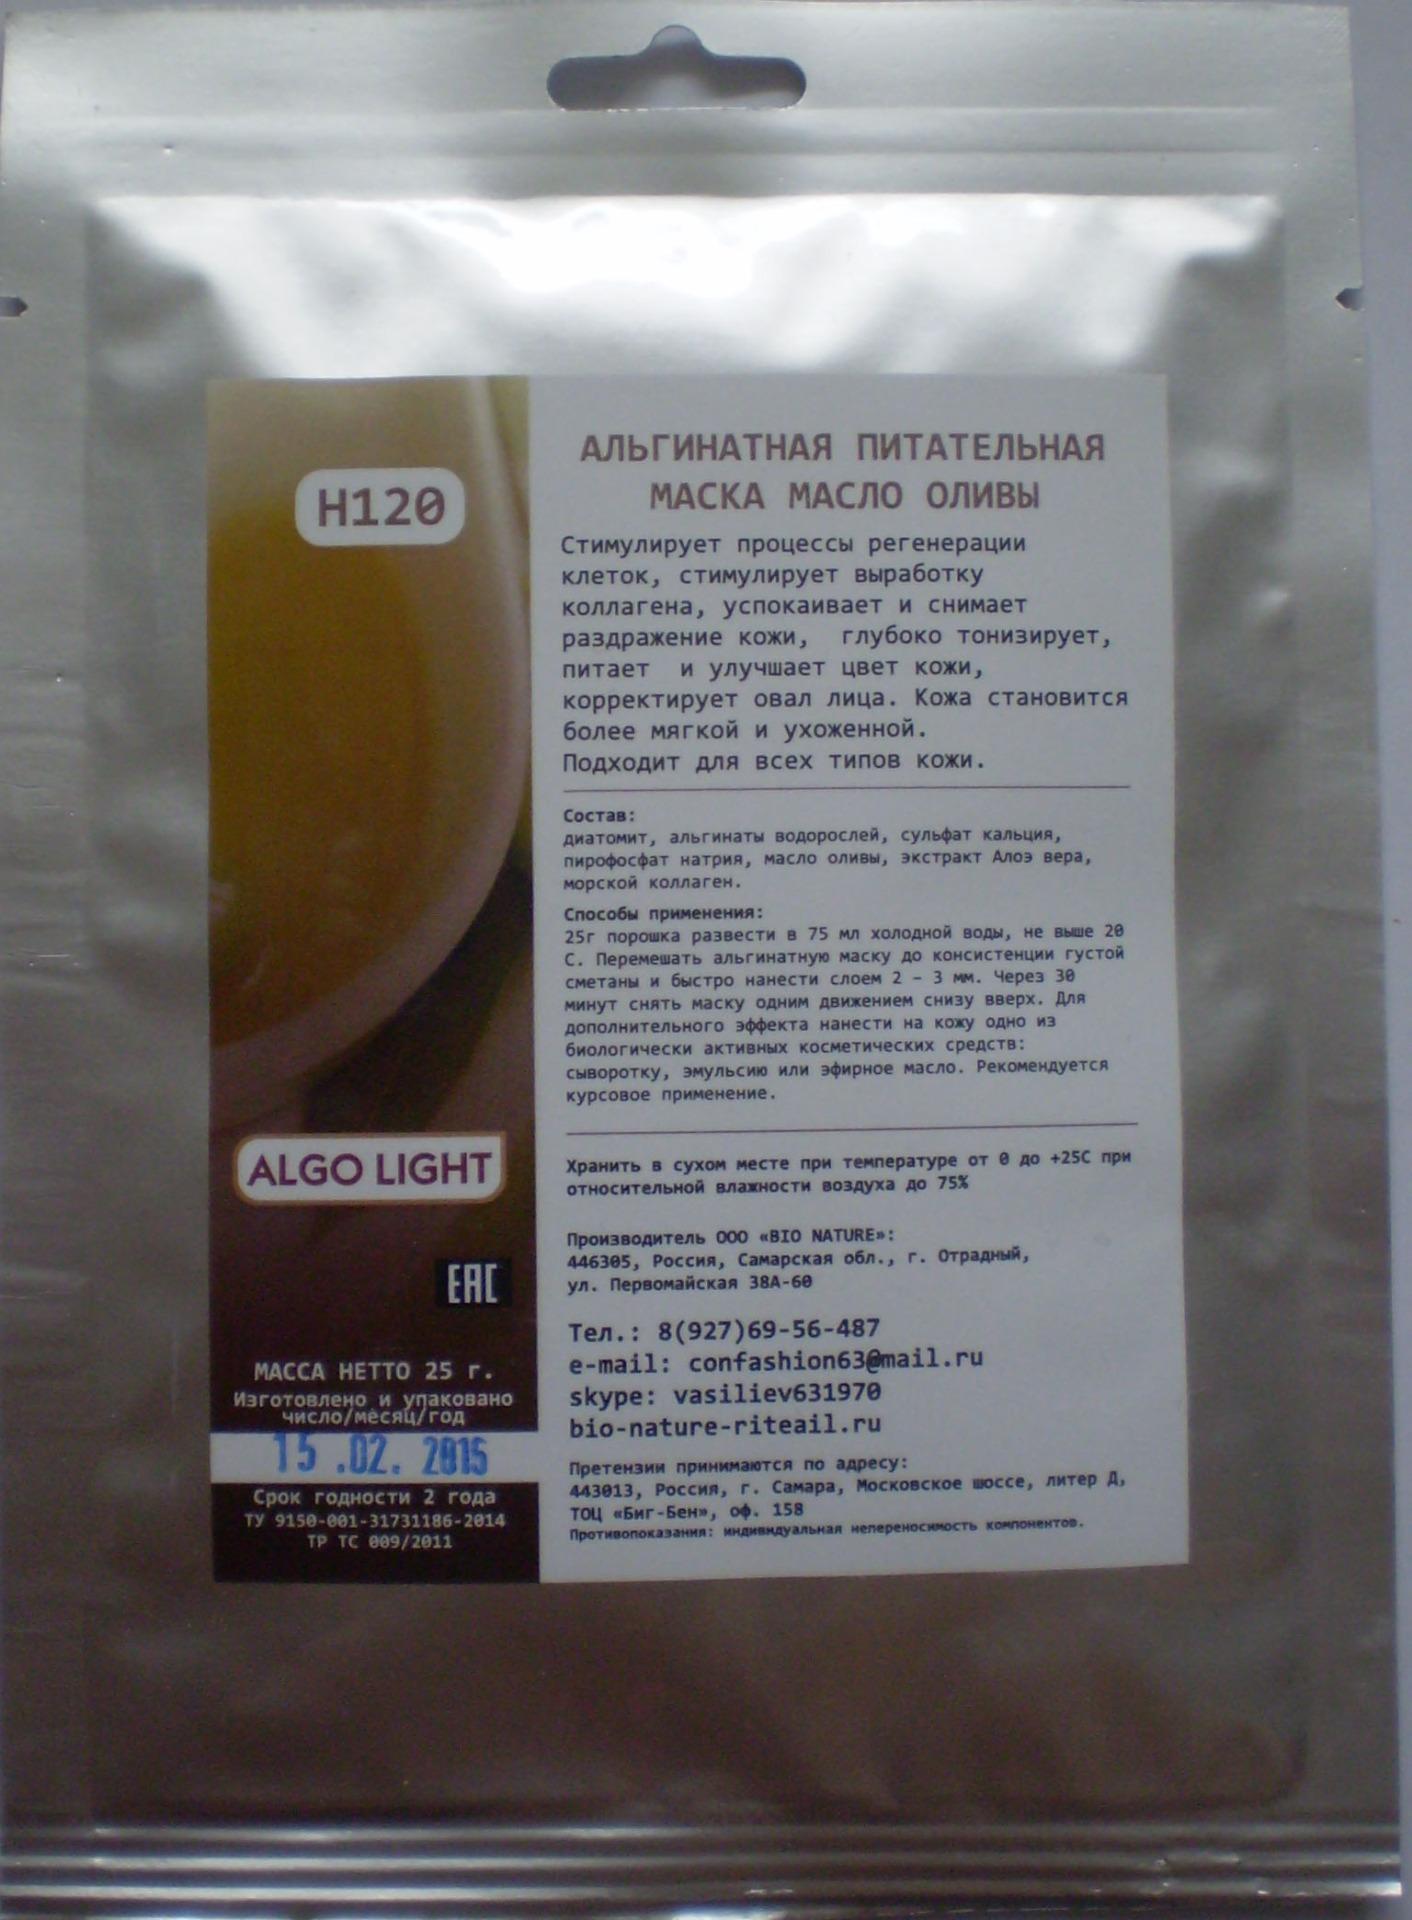 ALGO LIGHT Маска питательная, масло оливы / ALGO LIGHT 25 г